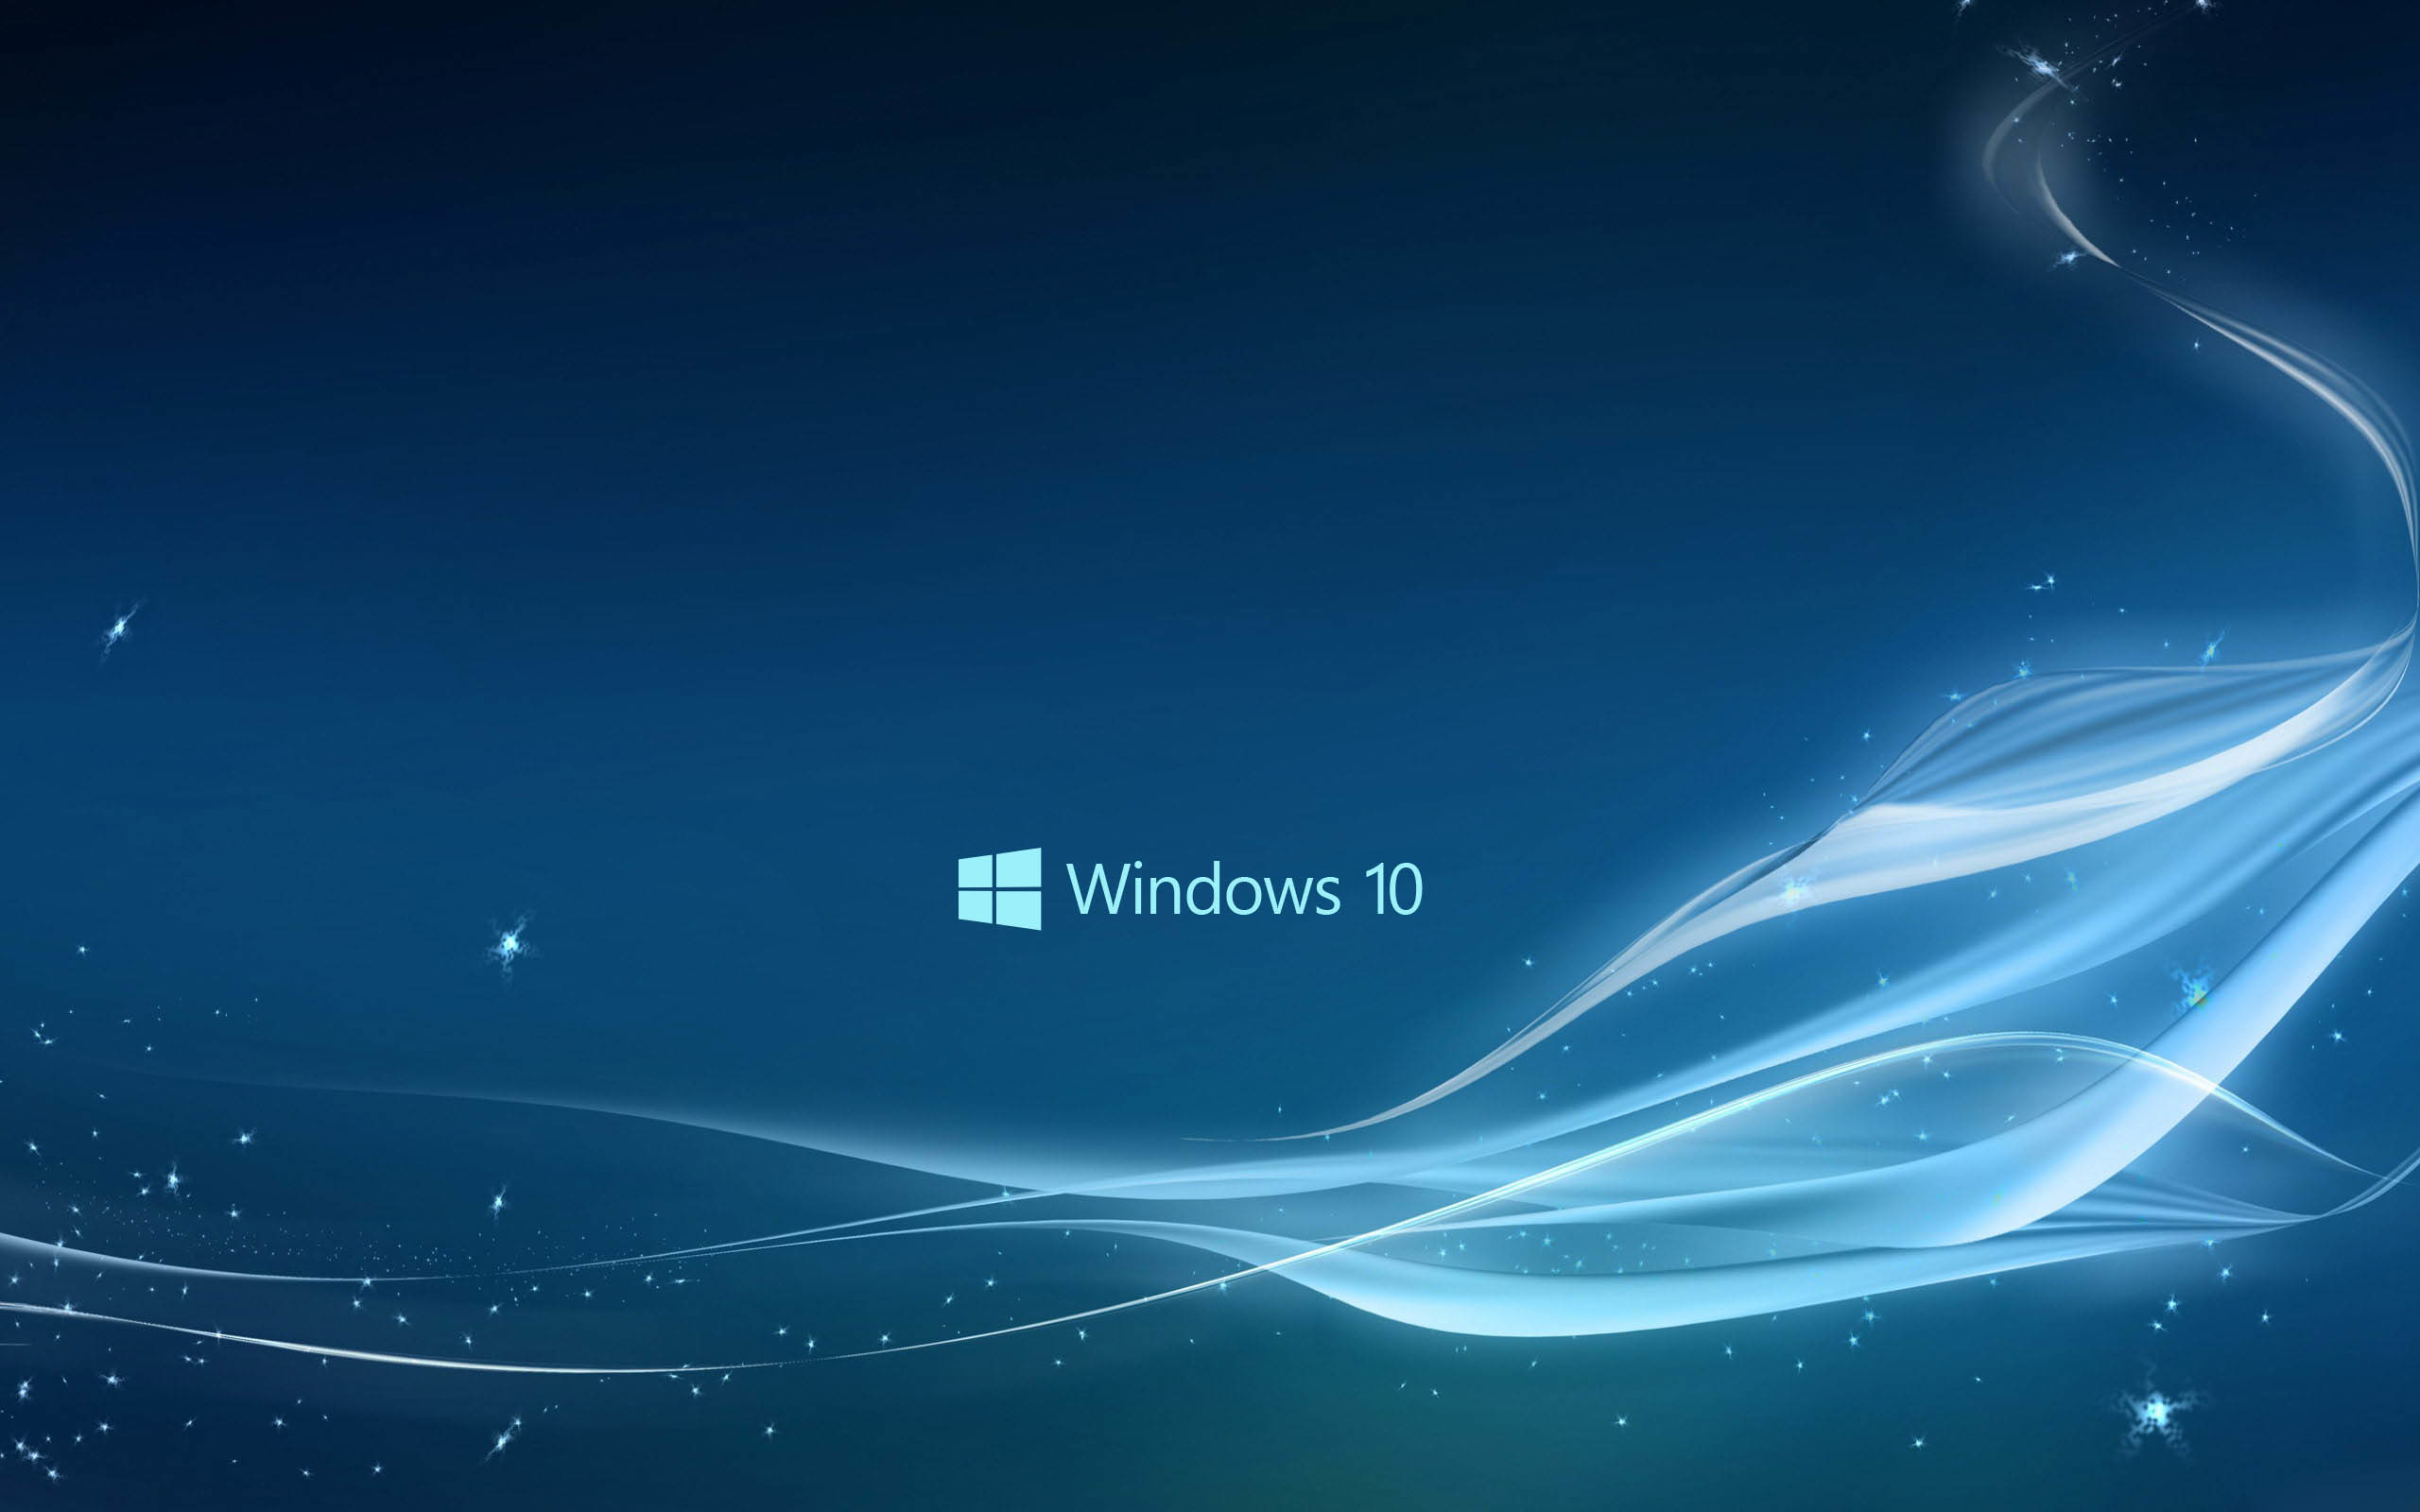 Windows 10 Futuristic Wallpaper 70 Images